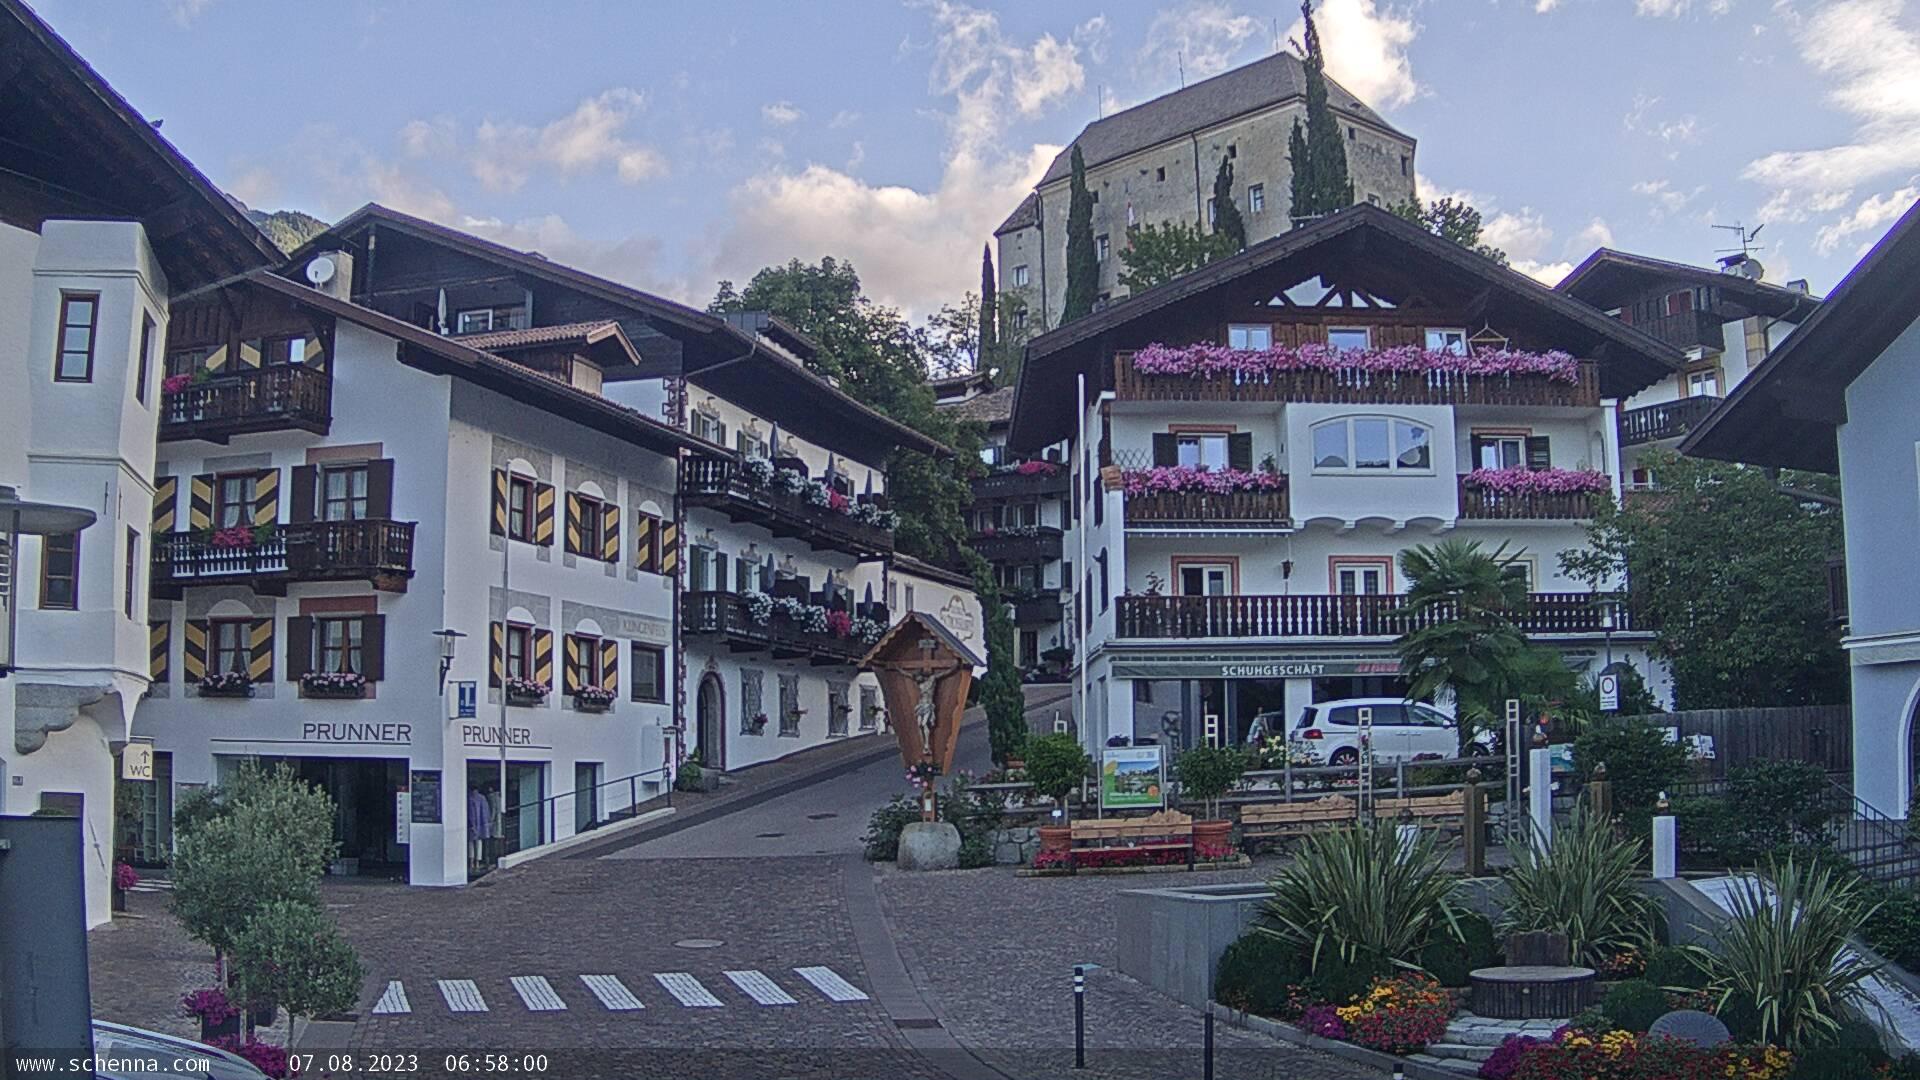 Center of Scena - Schlossweg with view on Castle Schenna